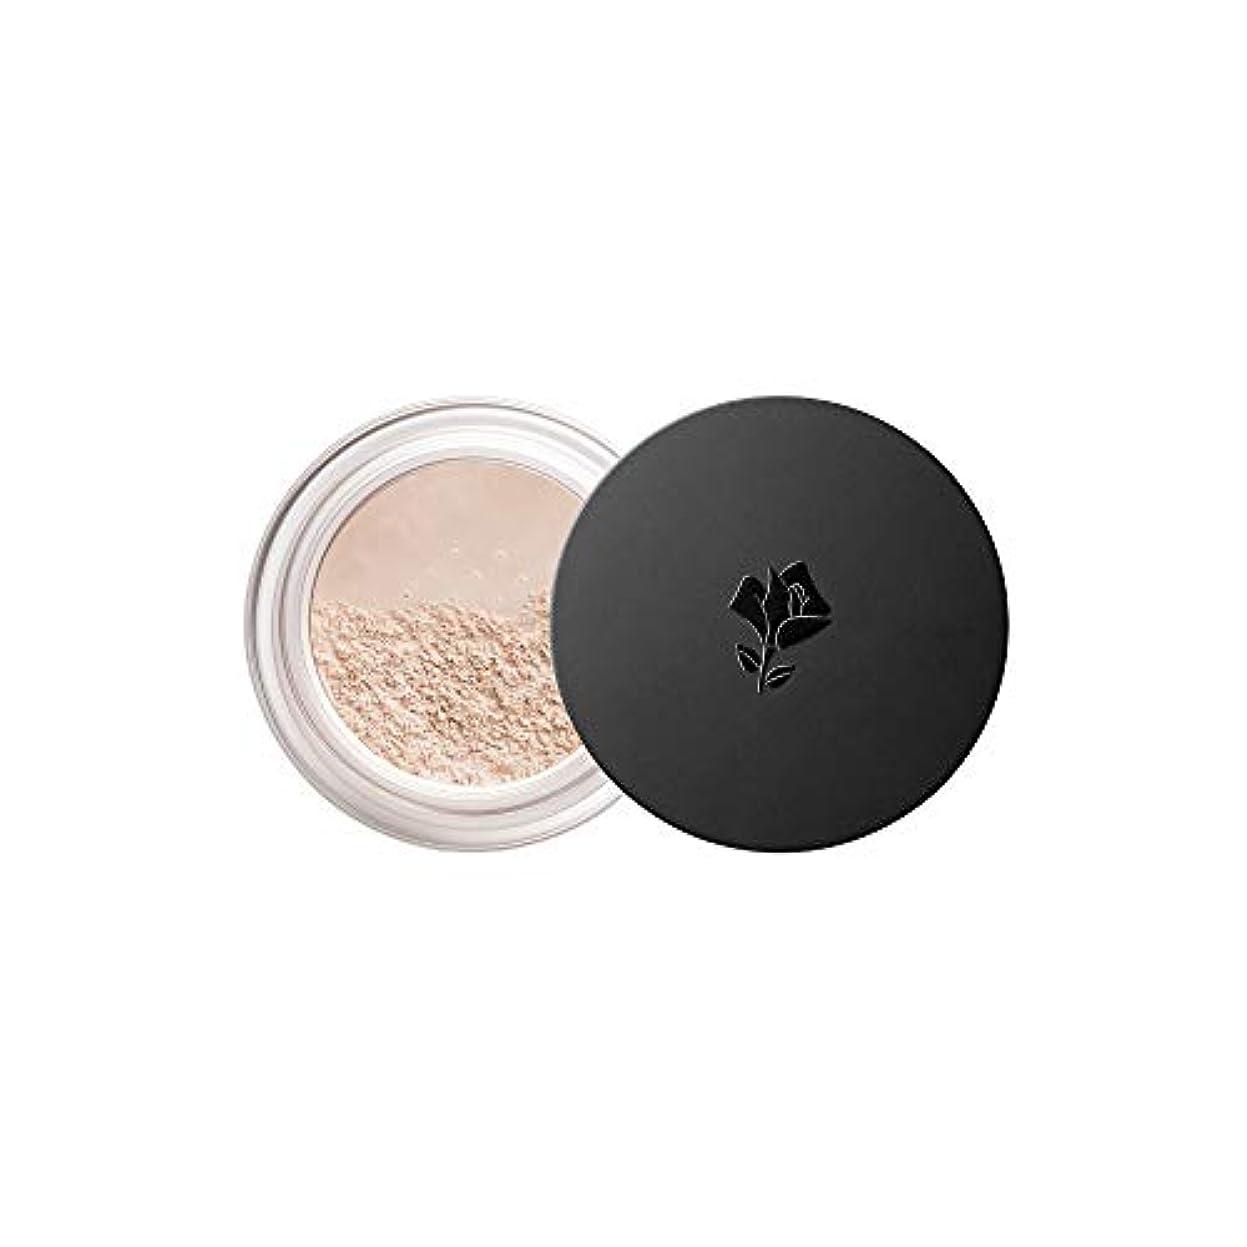 難破船シフト健康ランコム Long Time No Shine Loose Setting & Mattifying Powder - # Translucent 15g/0.52oz並行輸入品